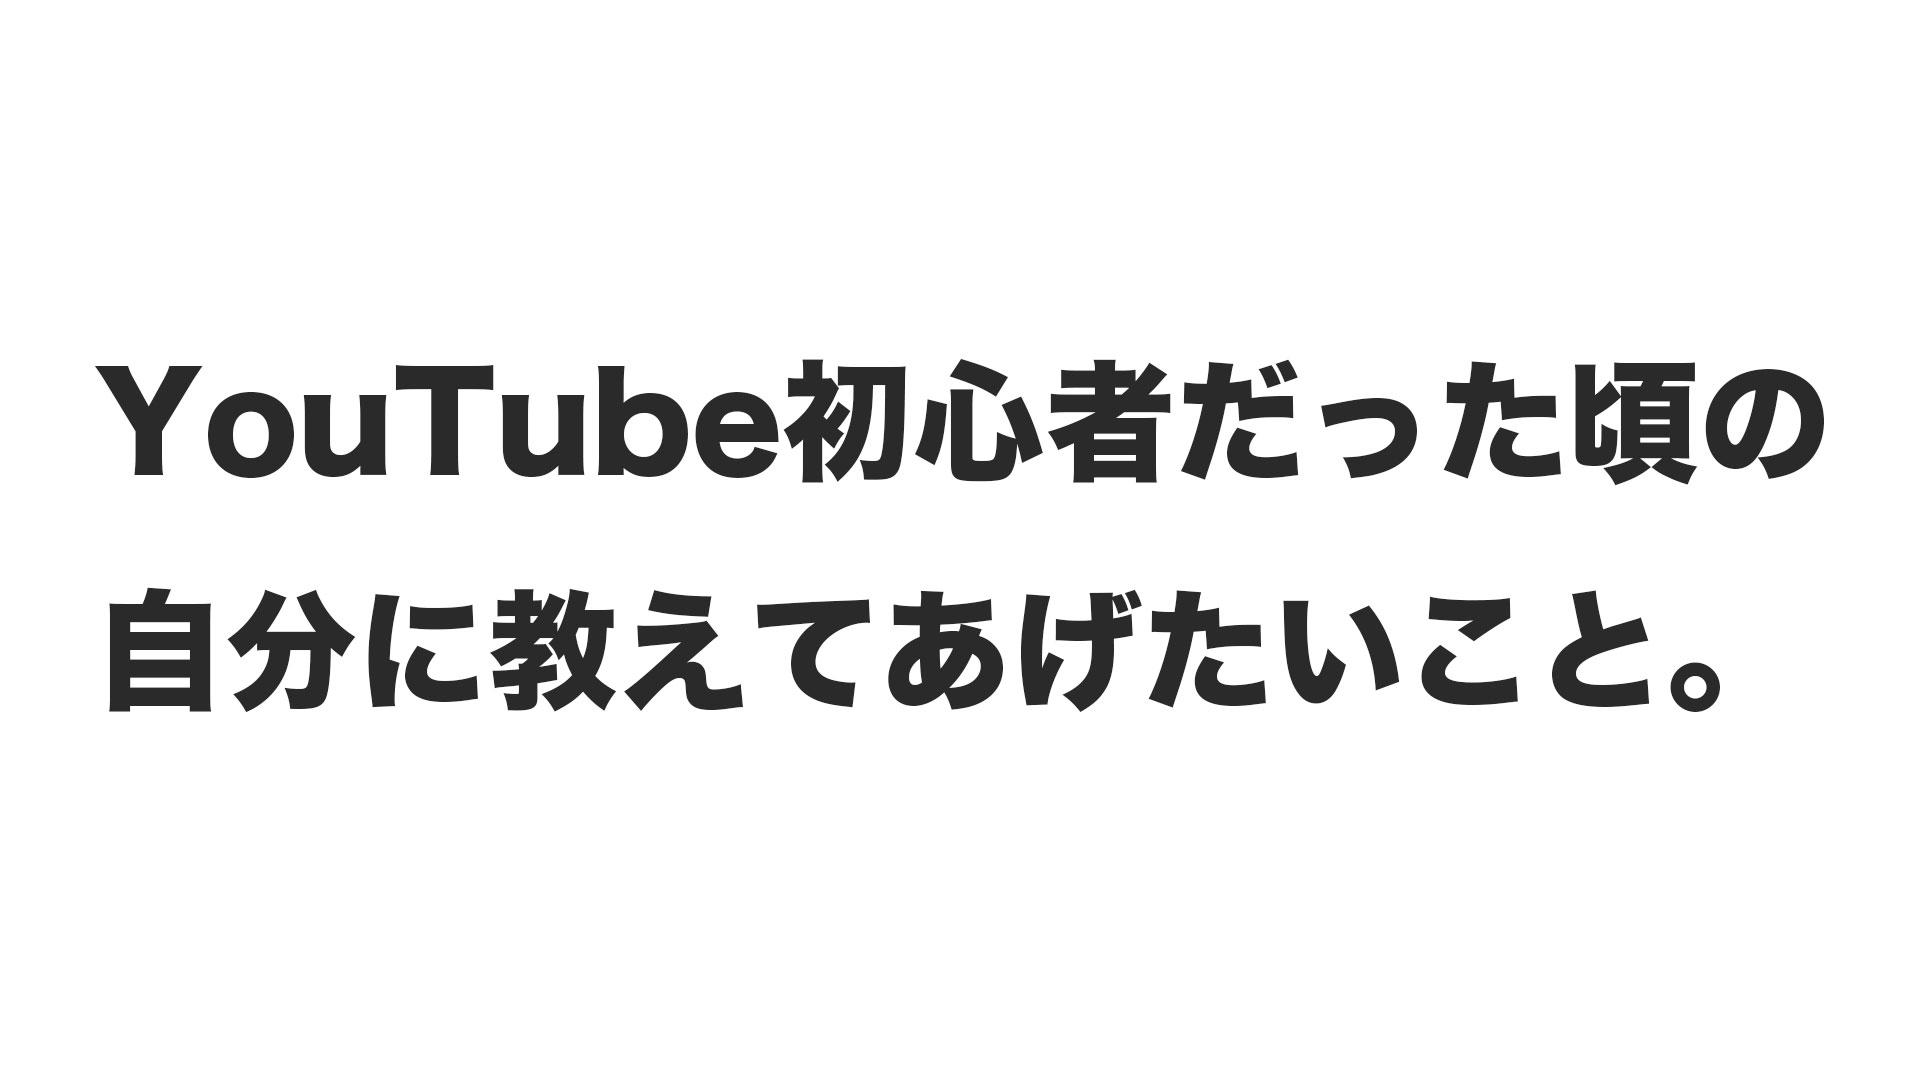 YouTube初心者だった頃の自分に教えてあげたいこと。